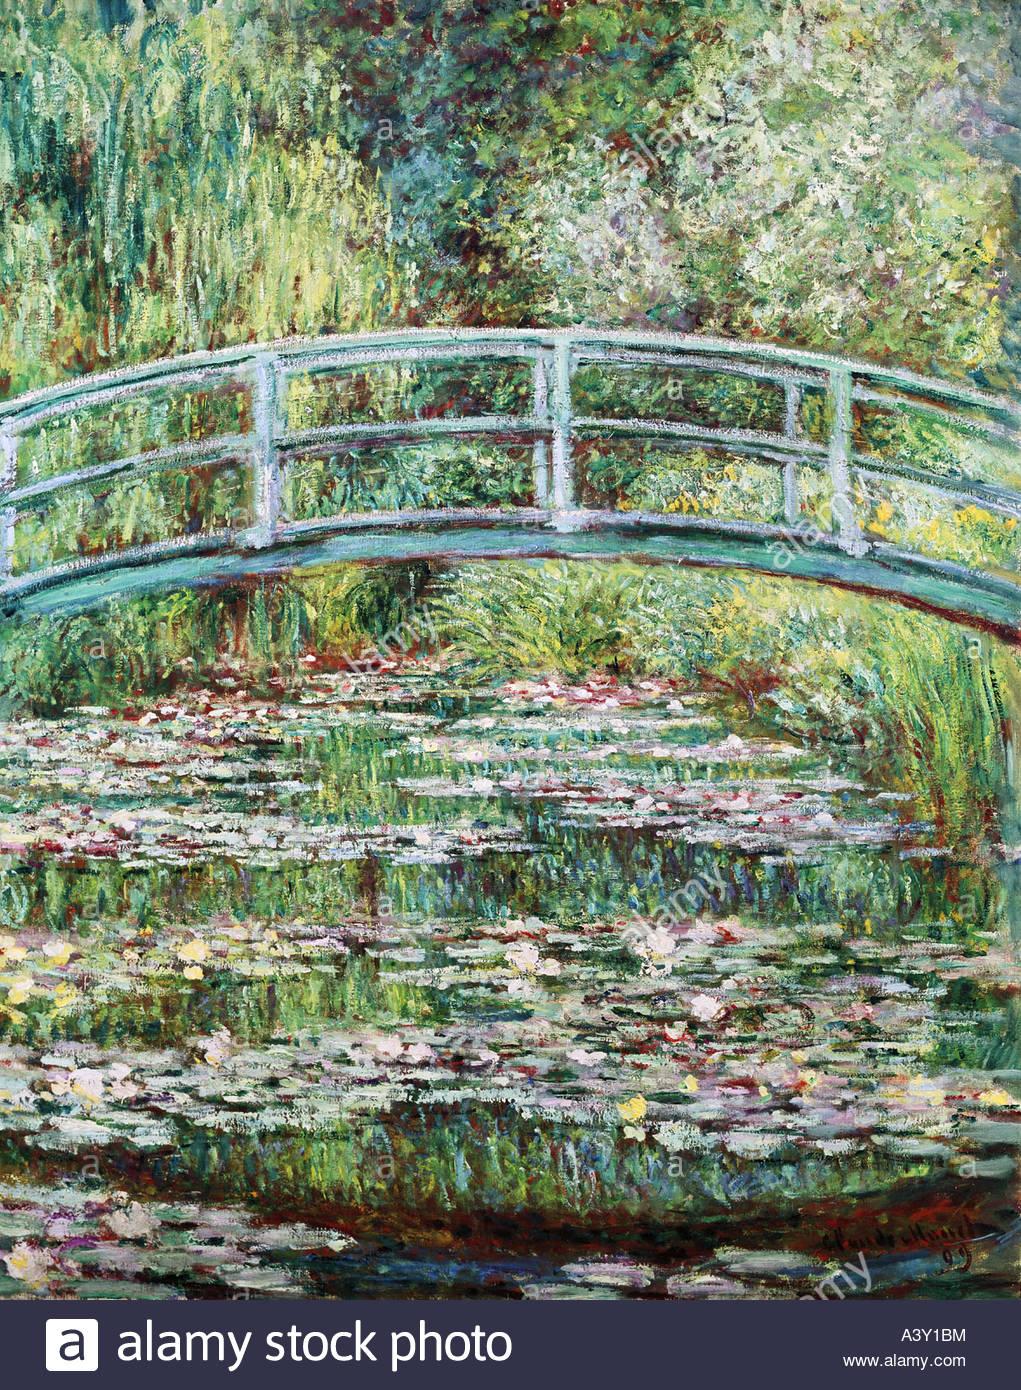 'Fine Arts, Monet, Claude, (1840 - 1926), peinture, pont japonais à Giverny', ('le pont japonais Photo Stock